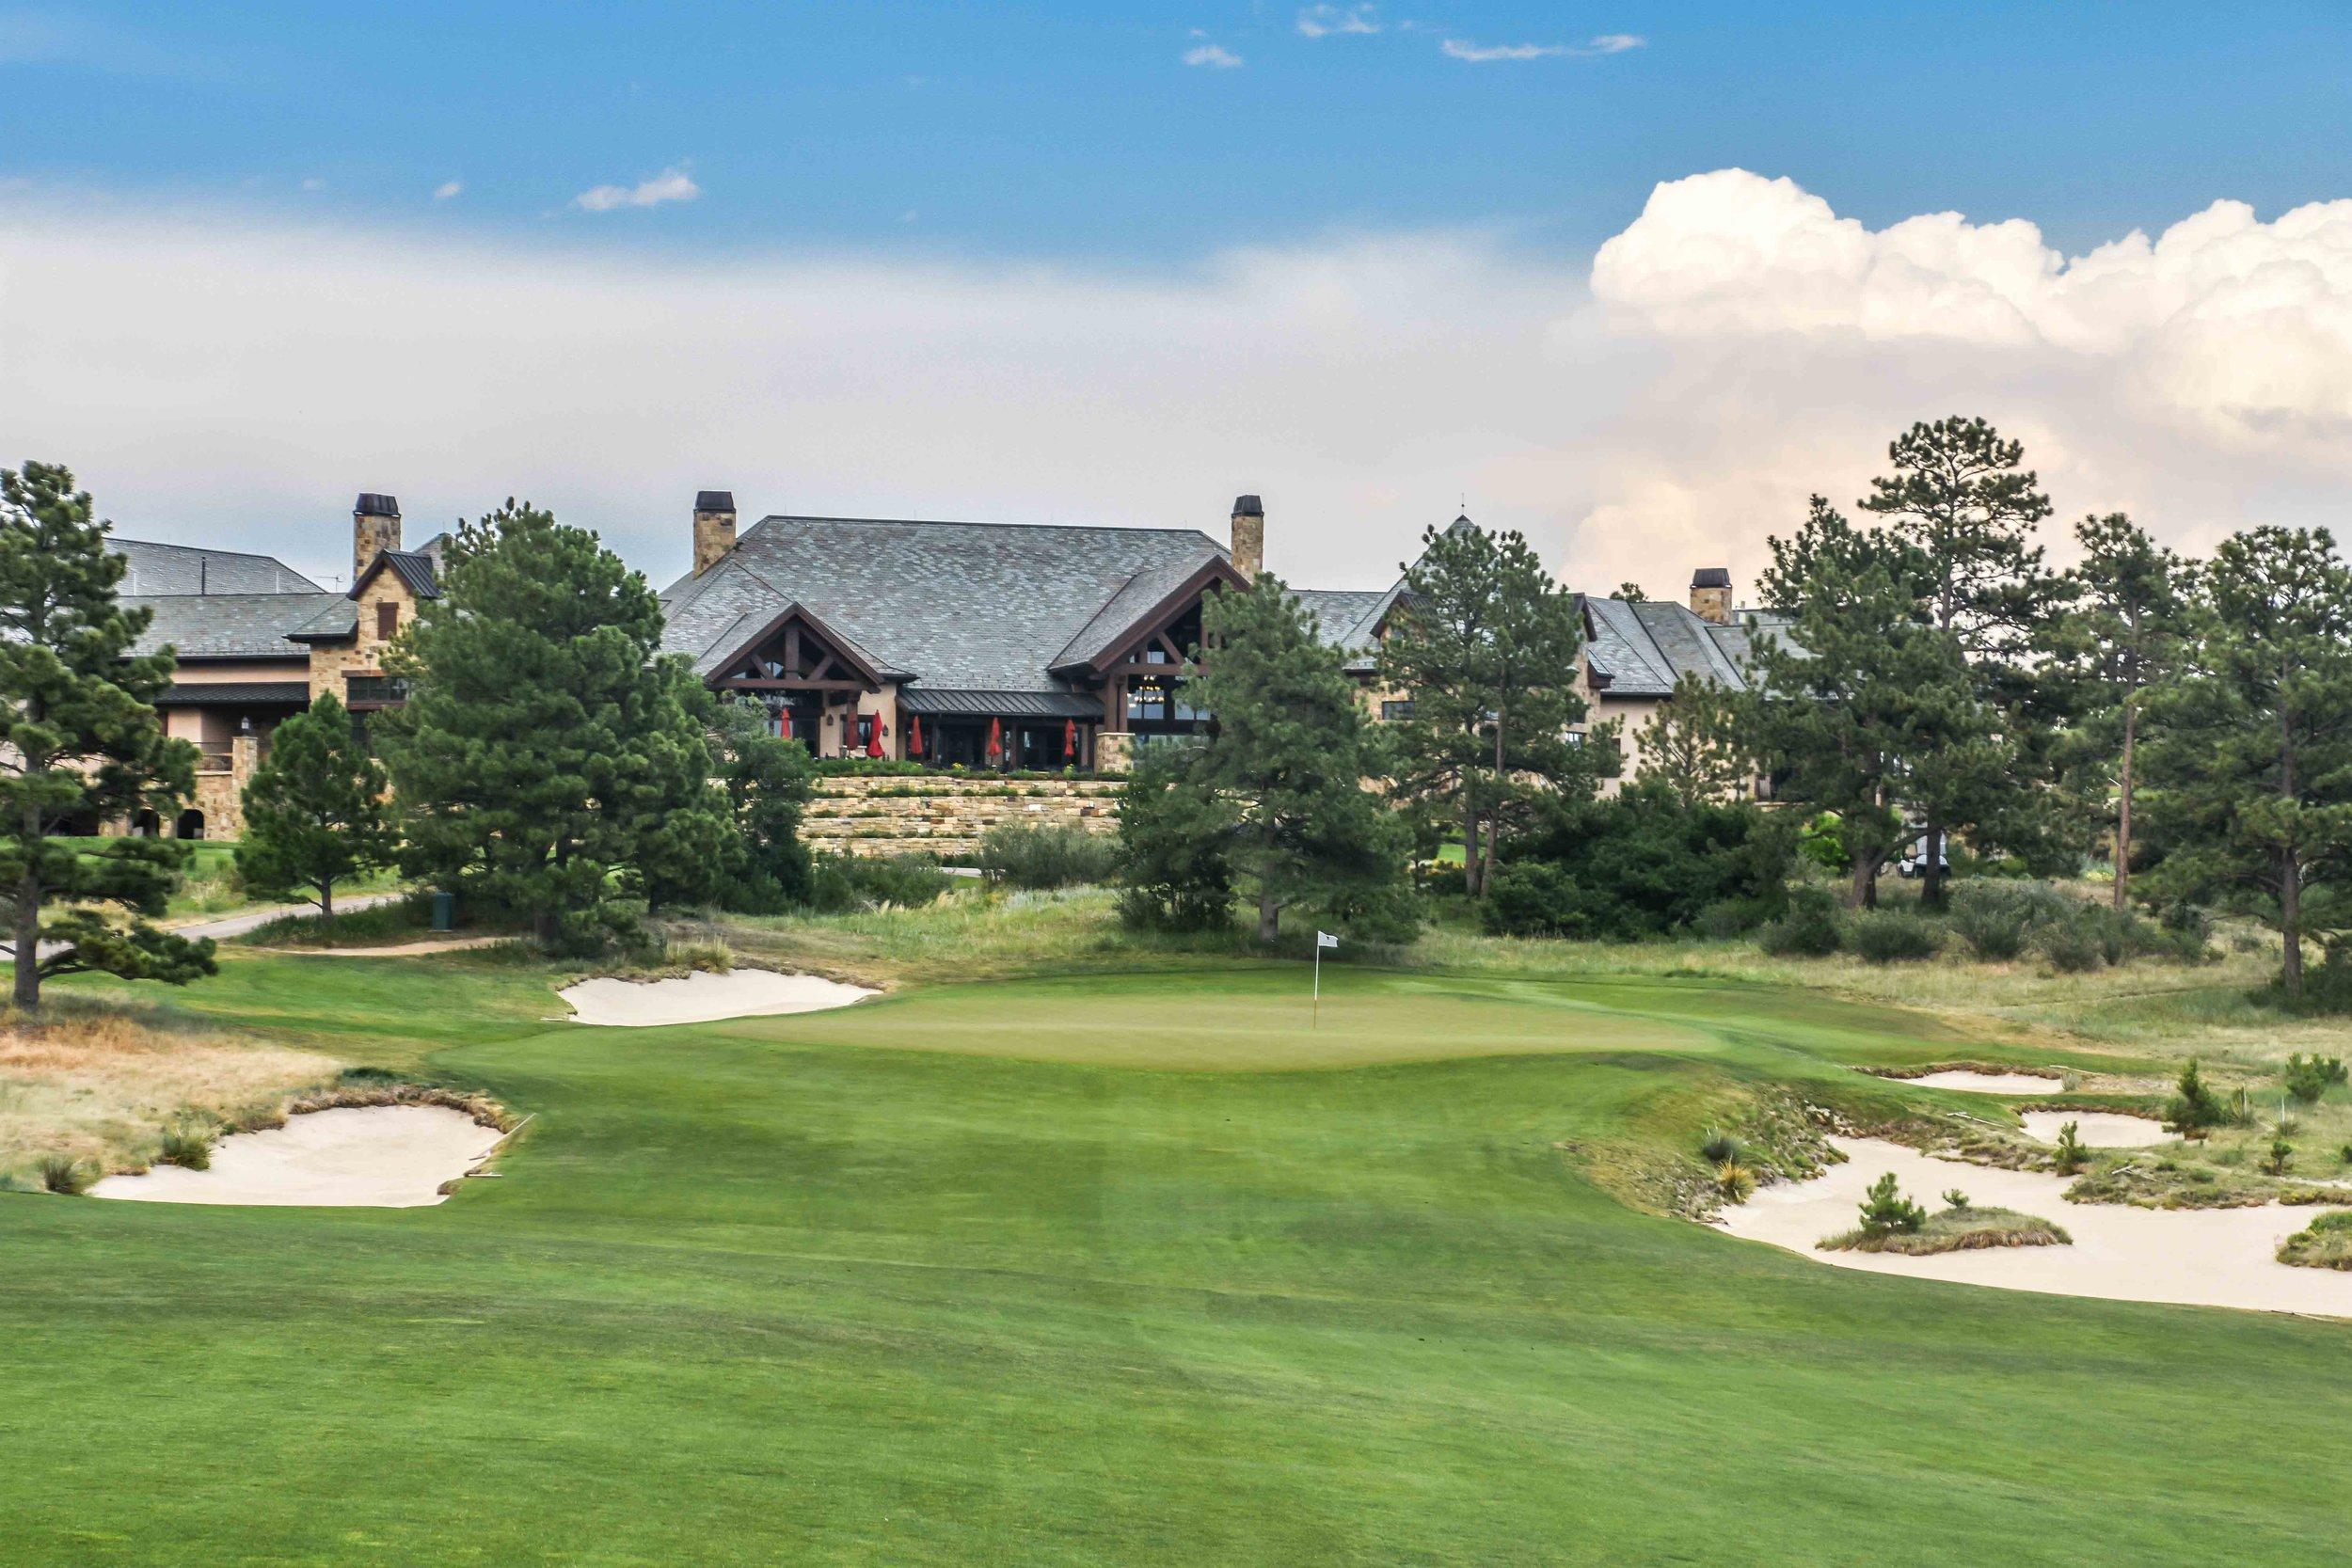 Colorado Golf Club1-79.jpg